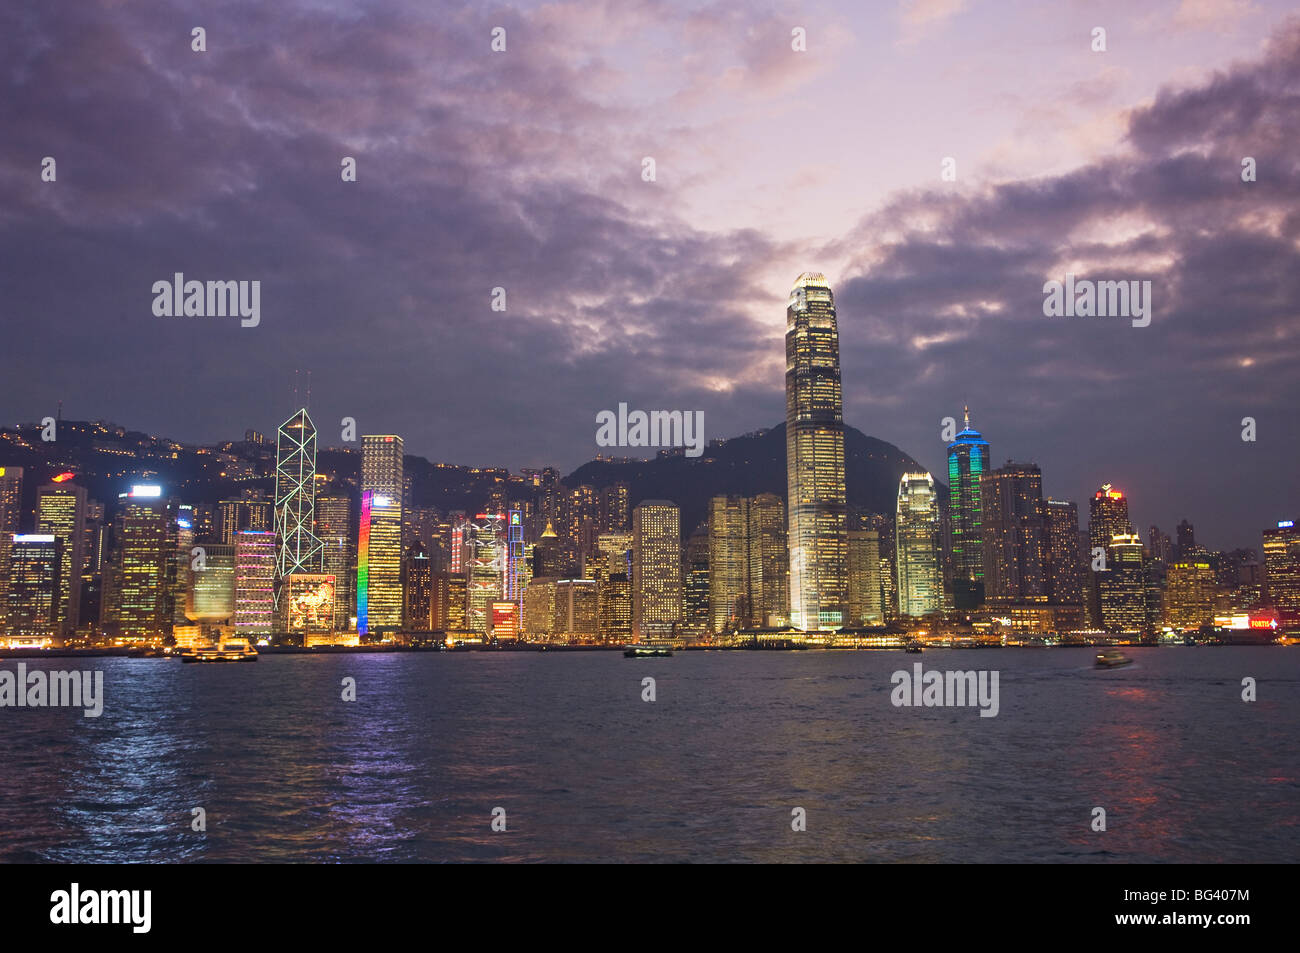 Hong Kong Skyline at night - Stock Image